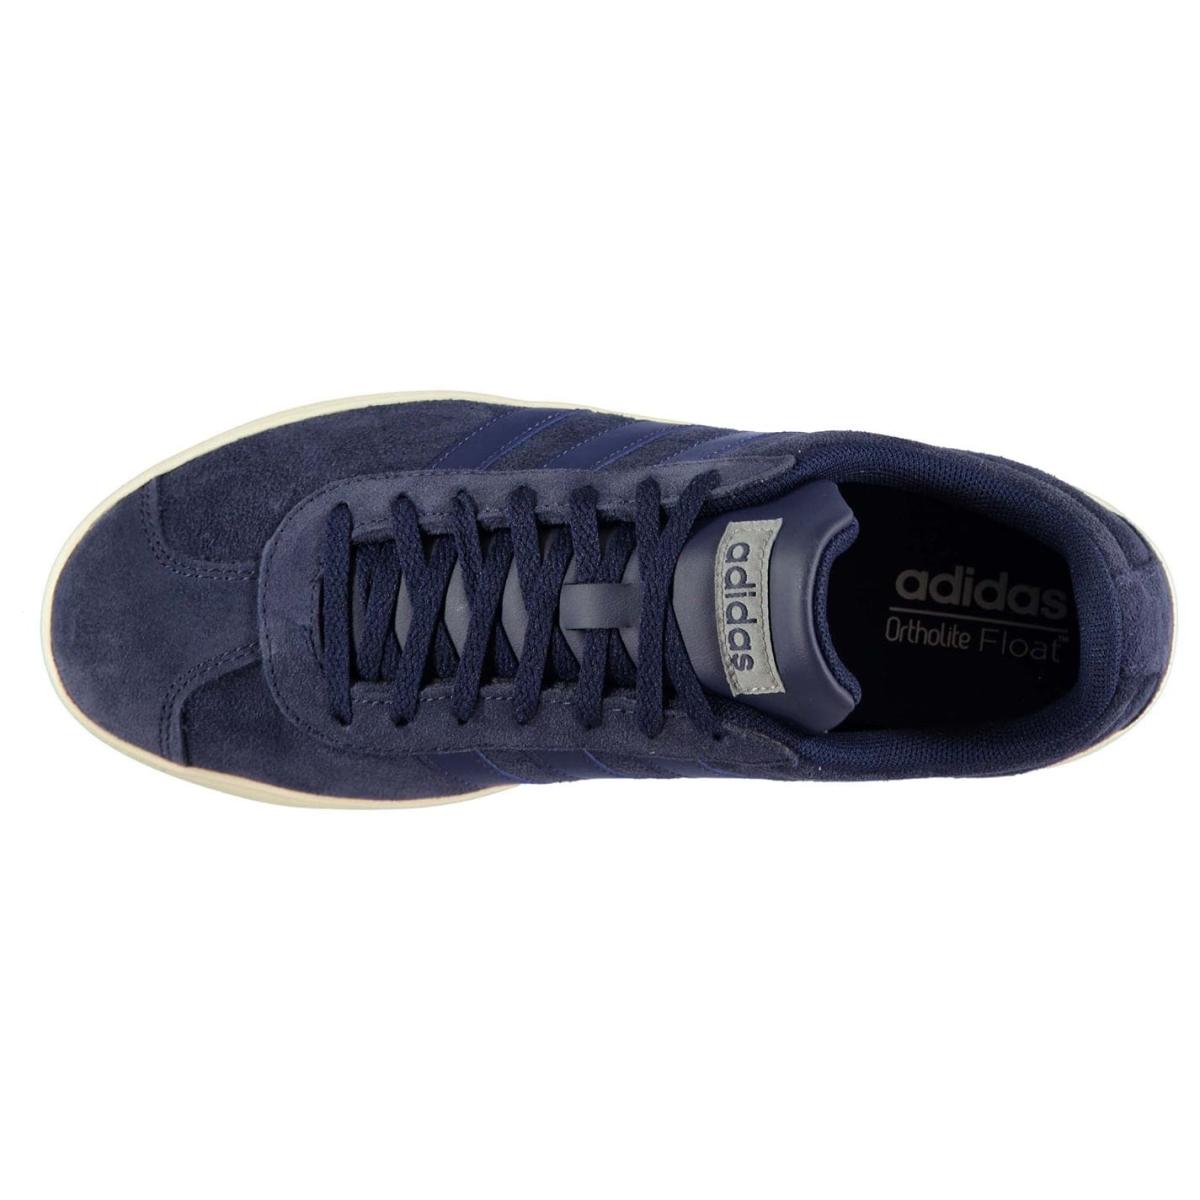 adidas Herren Turnschuhe Vl Court 2 Navy_Navy_Wht